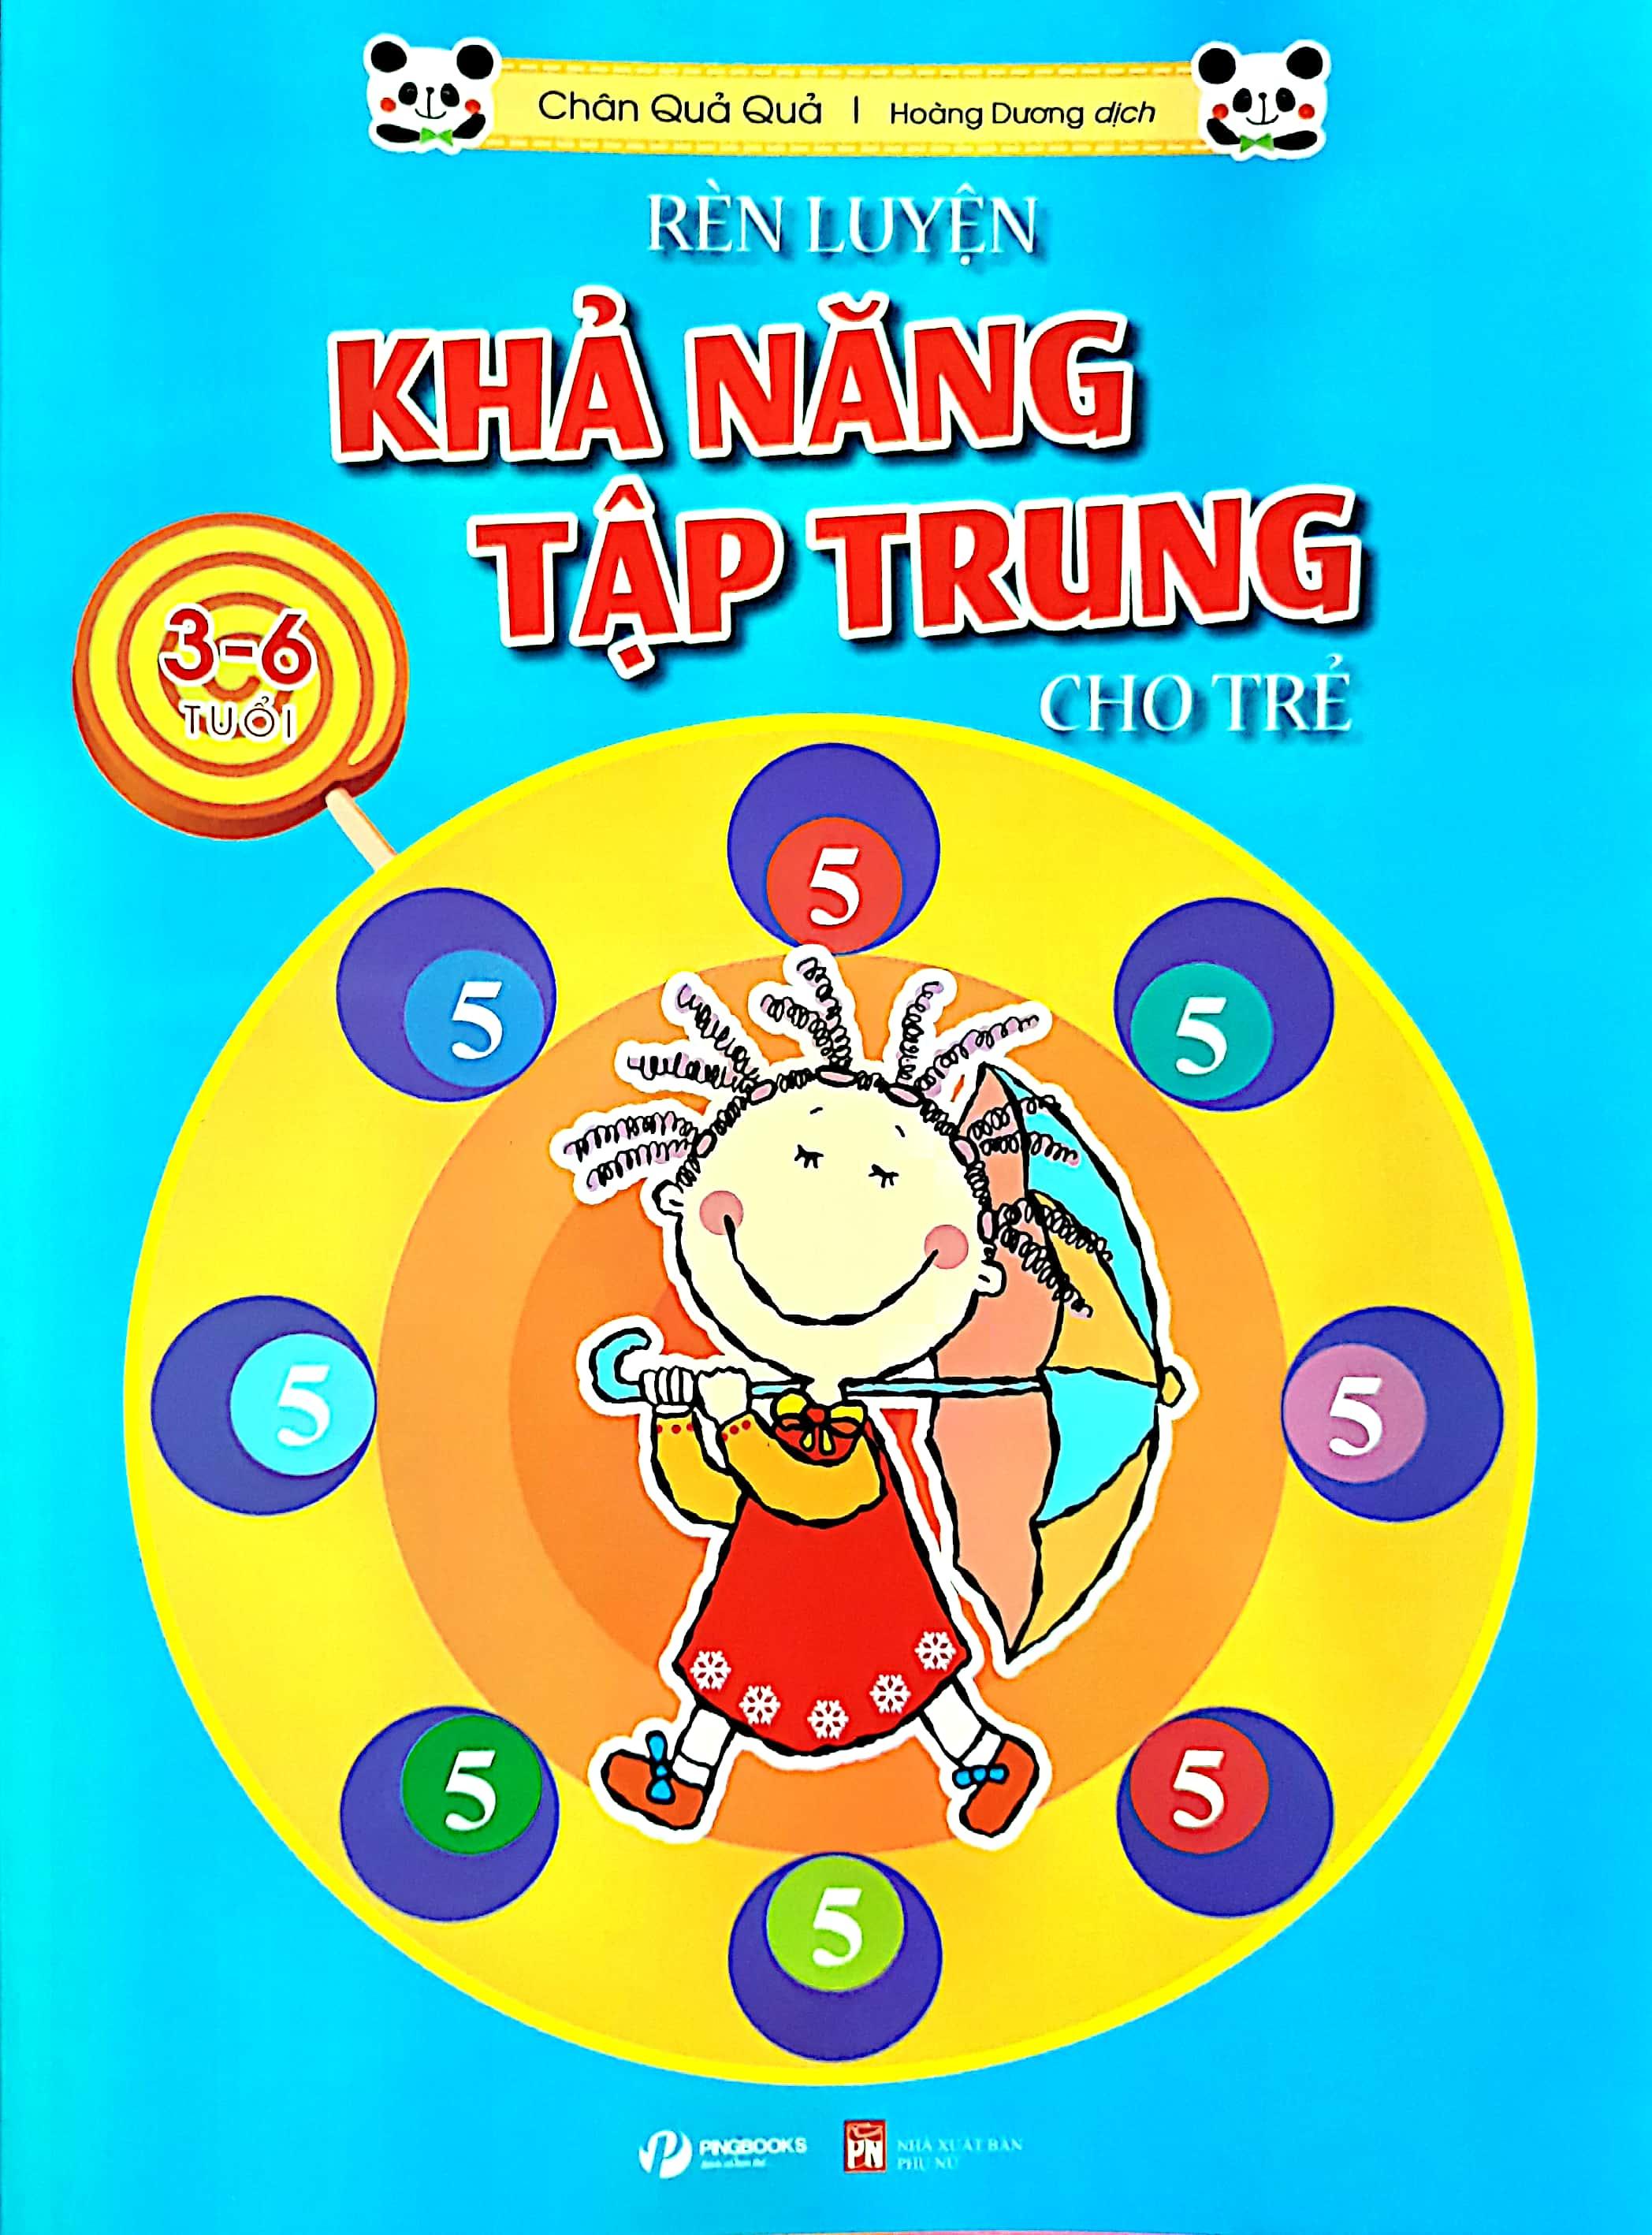 Rèn Luyện Khả Năng Tập Trung Cho Trẻ 3-6 Tuổi Tập 5